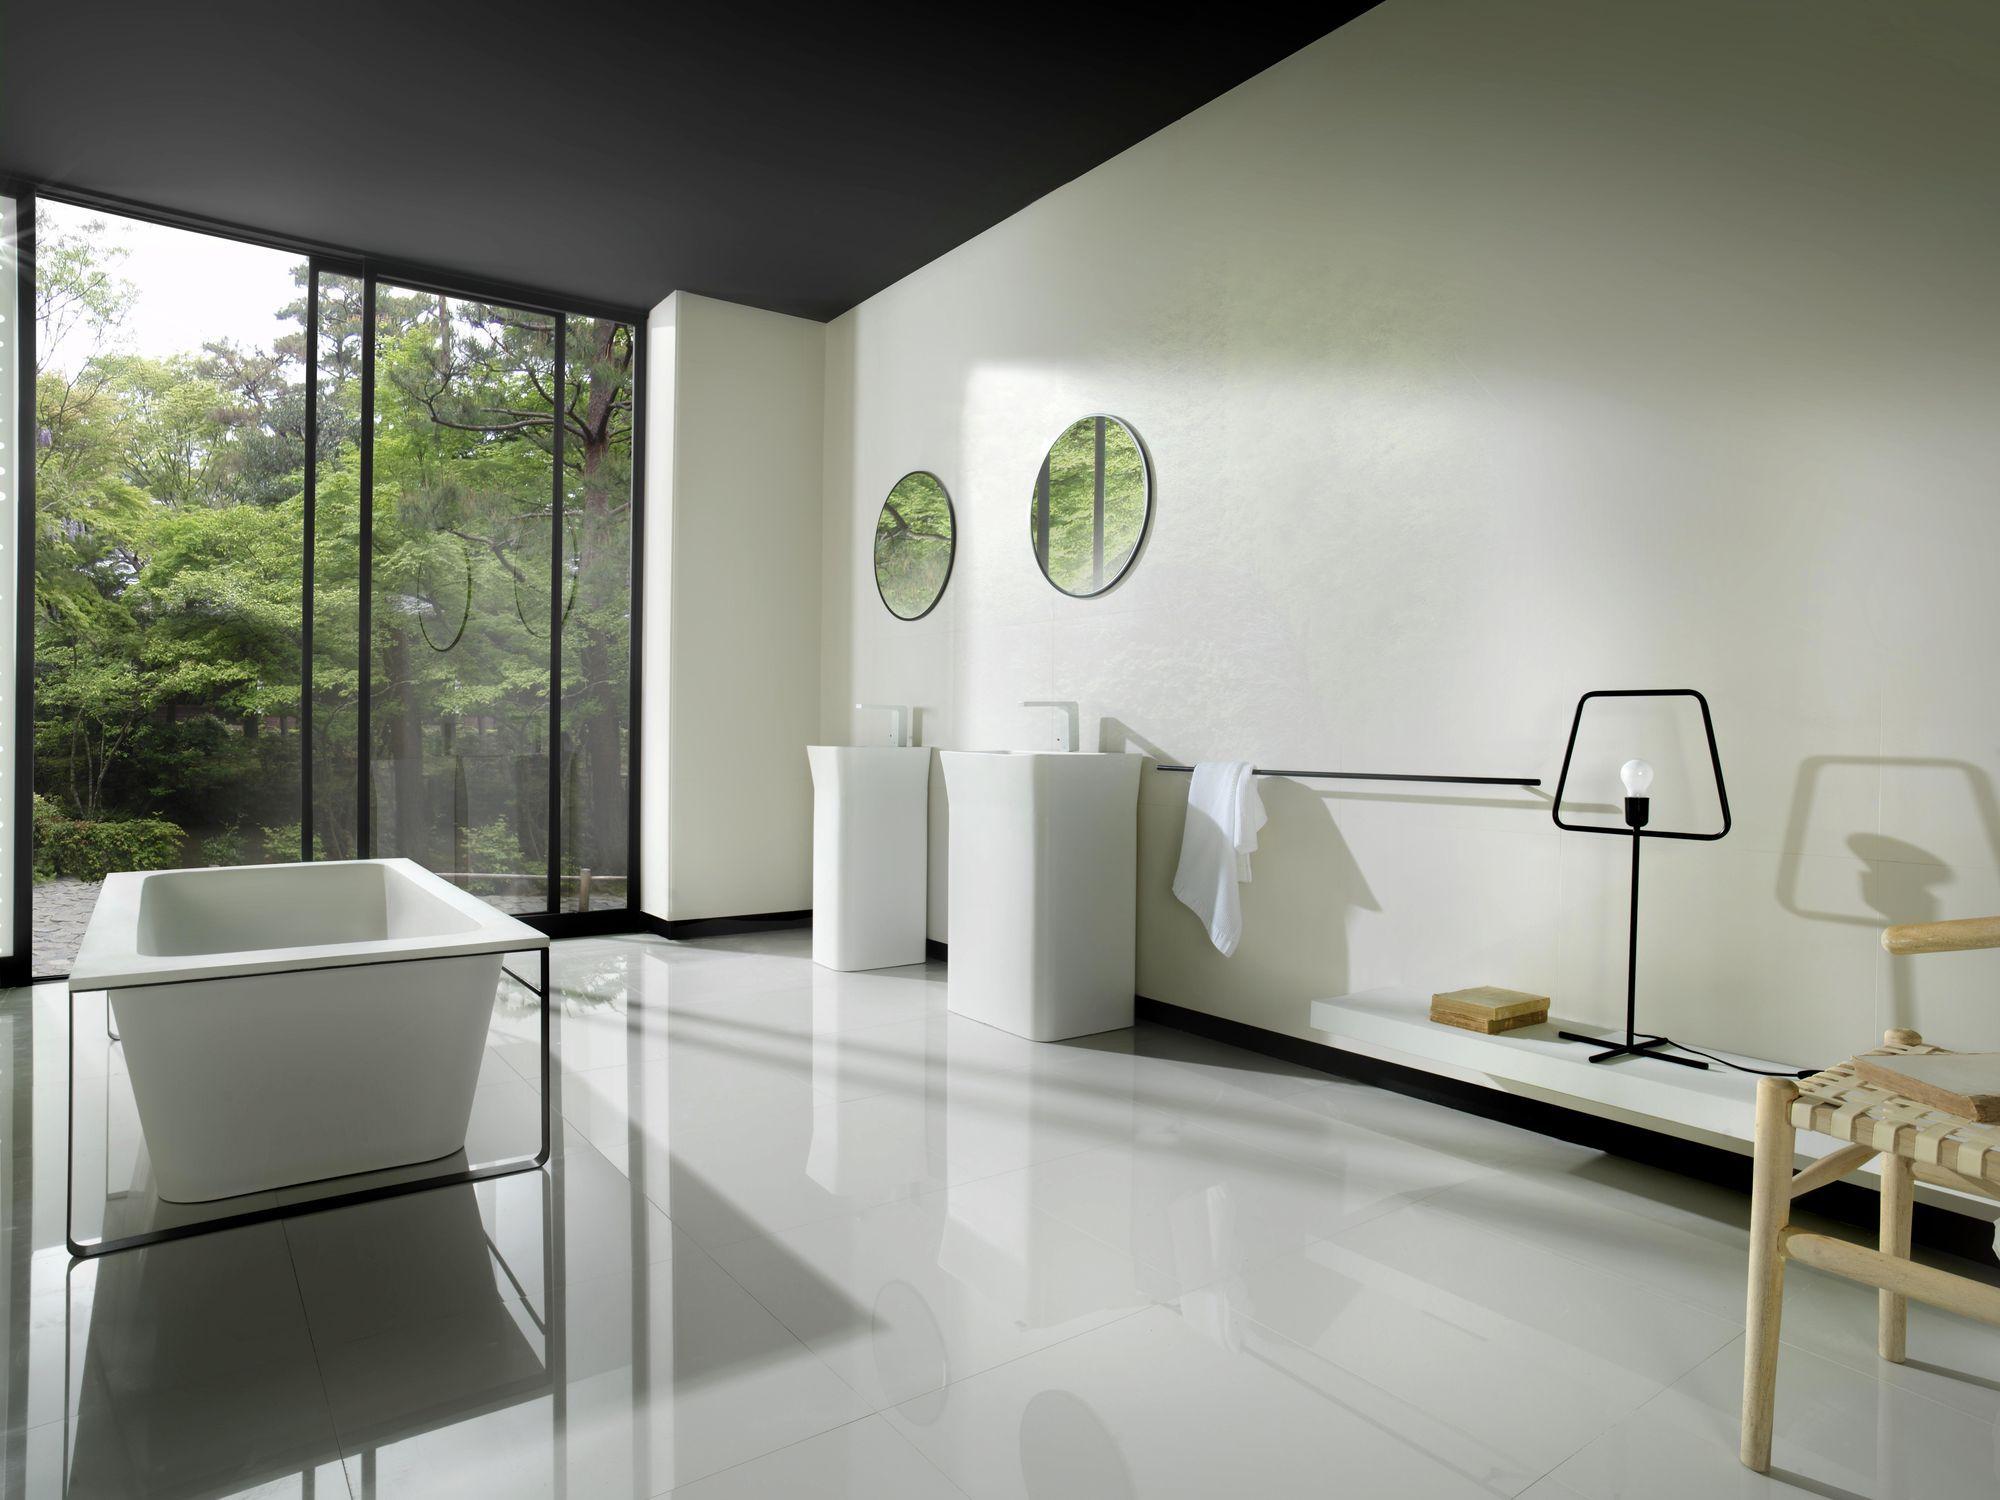 Van Systeem-pool. Prachtig strakke badkamer met zwarte omlijstingen ...